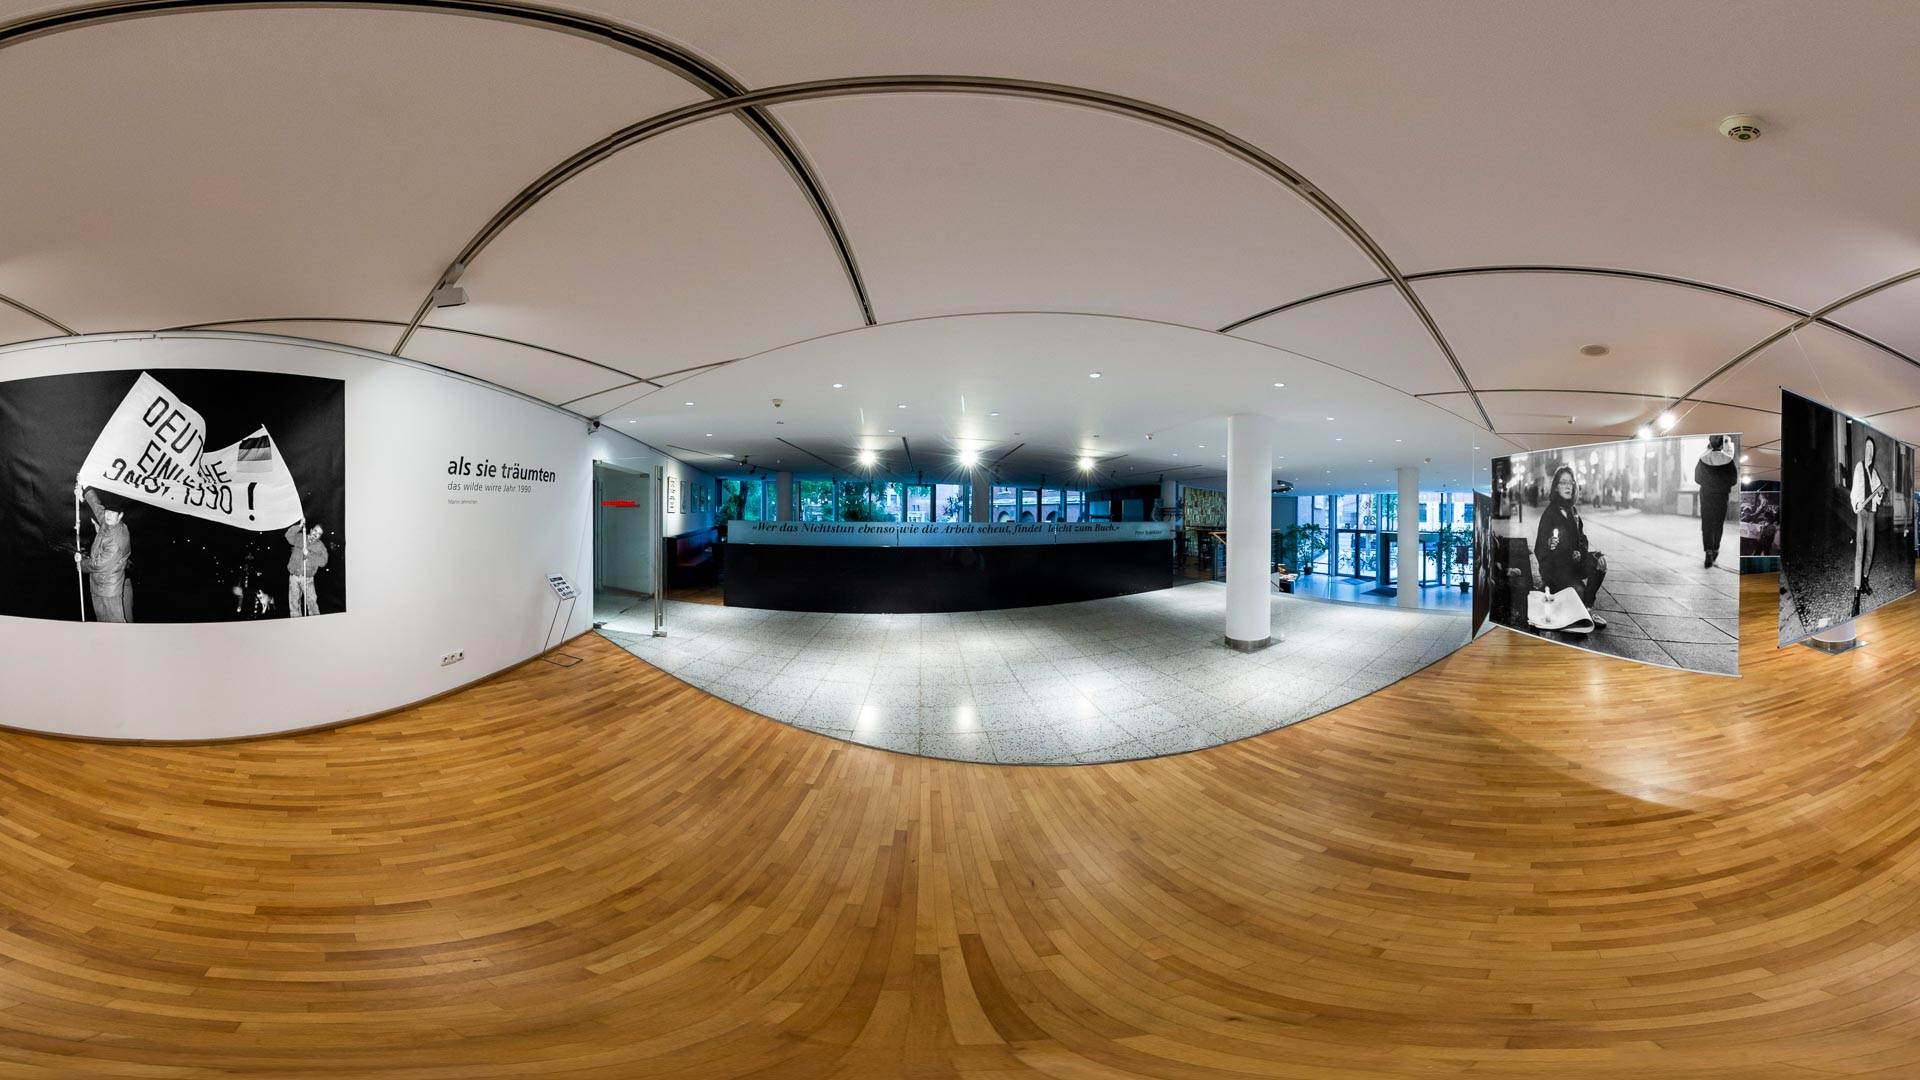 360° Als sie träumten (Ausstellung) title=360° Als sie träumten (Ausstellung)